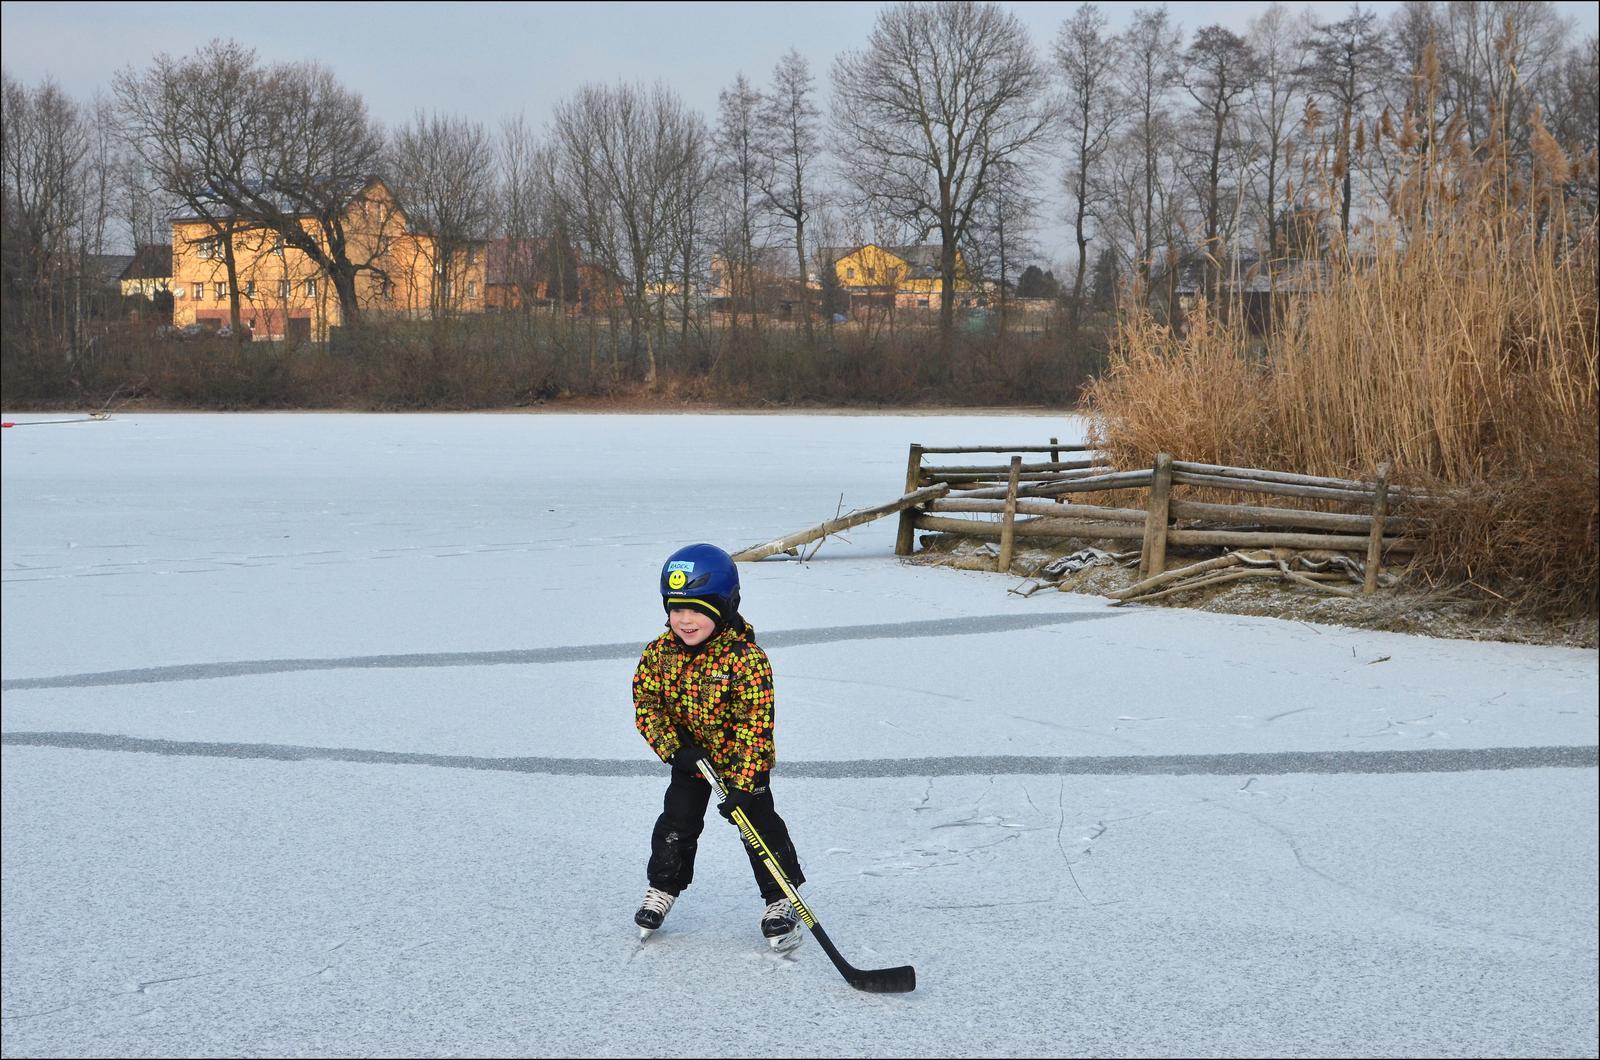 U nás doma v paneláku II. - můj malý hokejist, zima je prostě krásné období